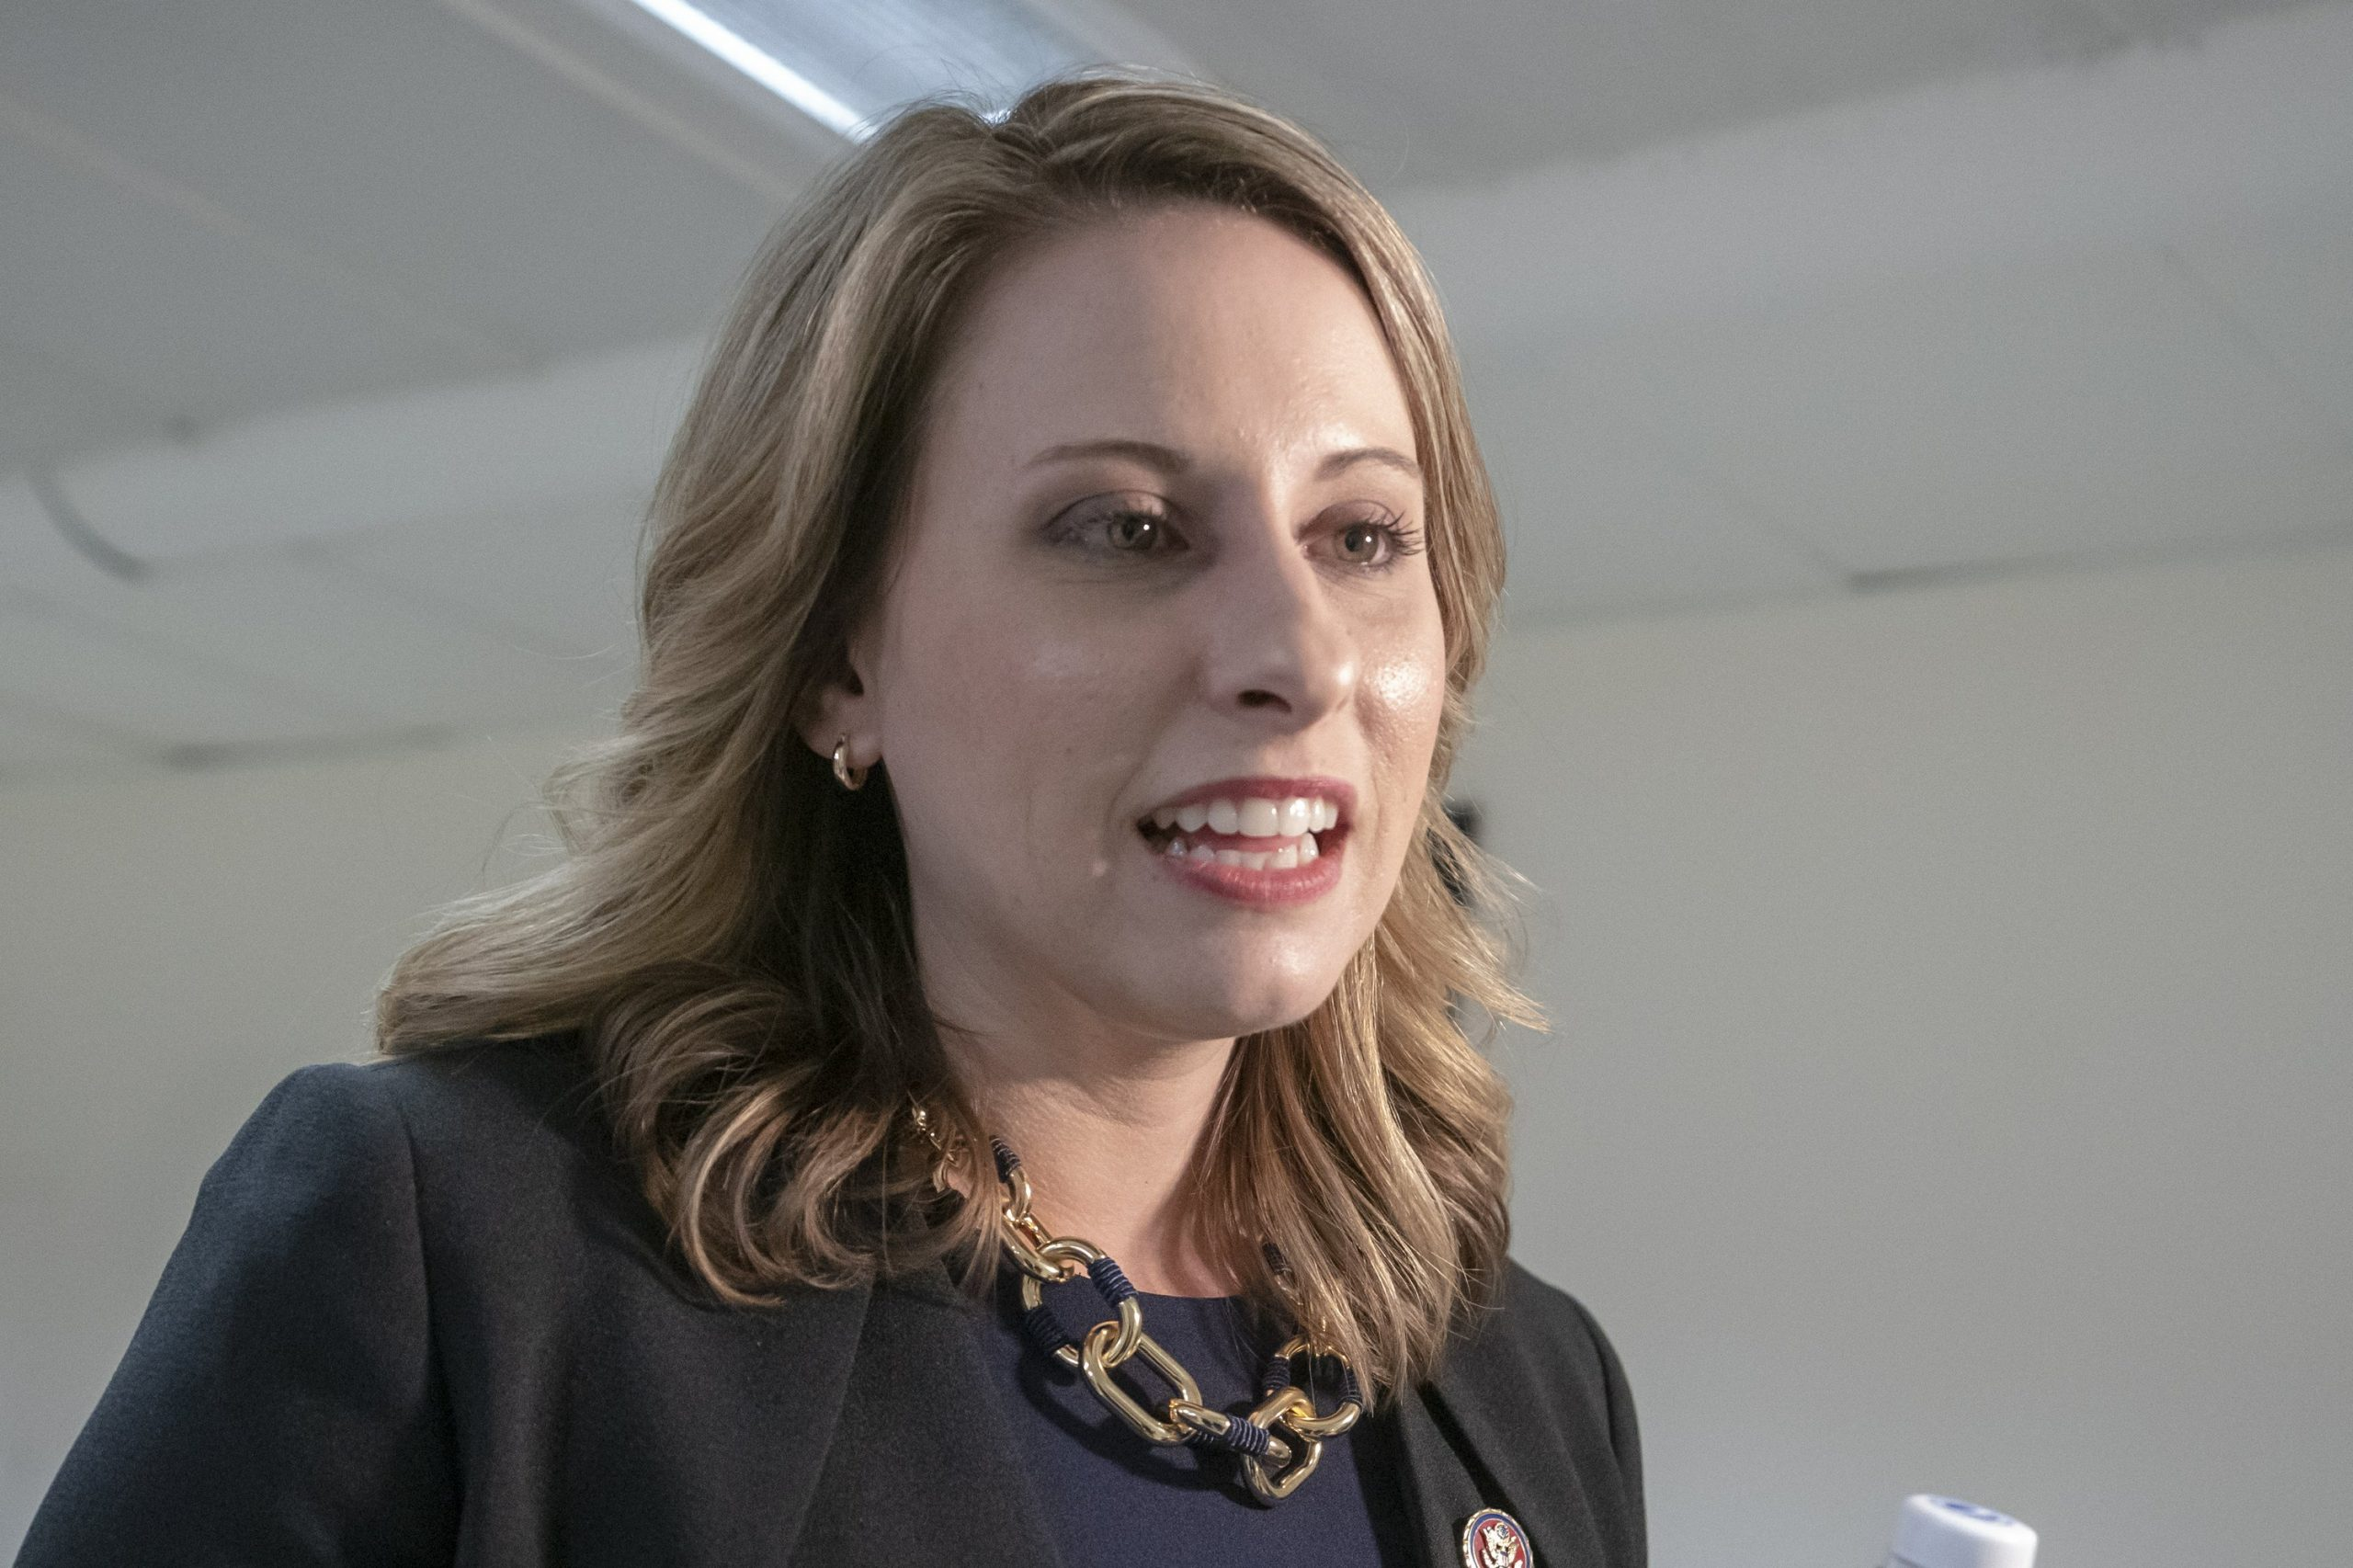 Judge dismisses ex-Rep. Katie Hills nude photo claim